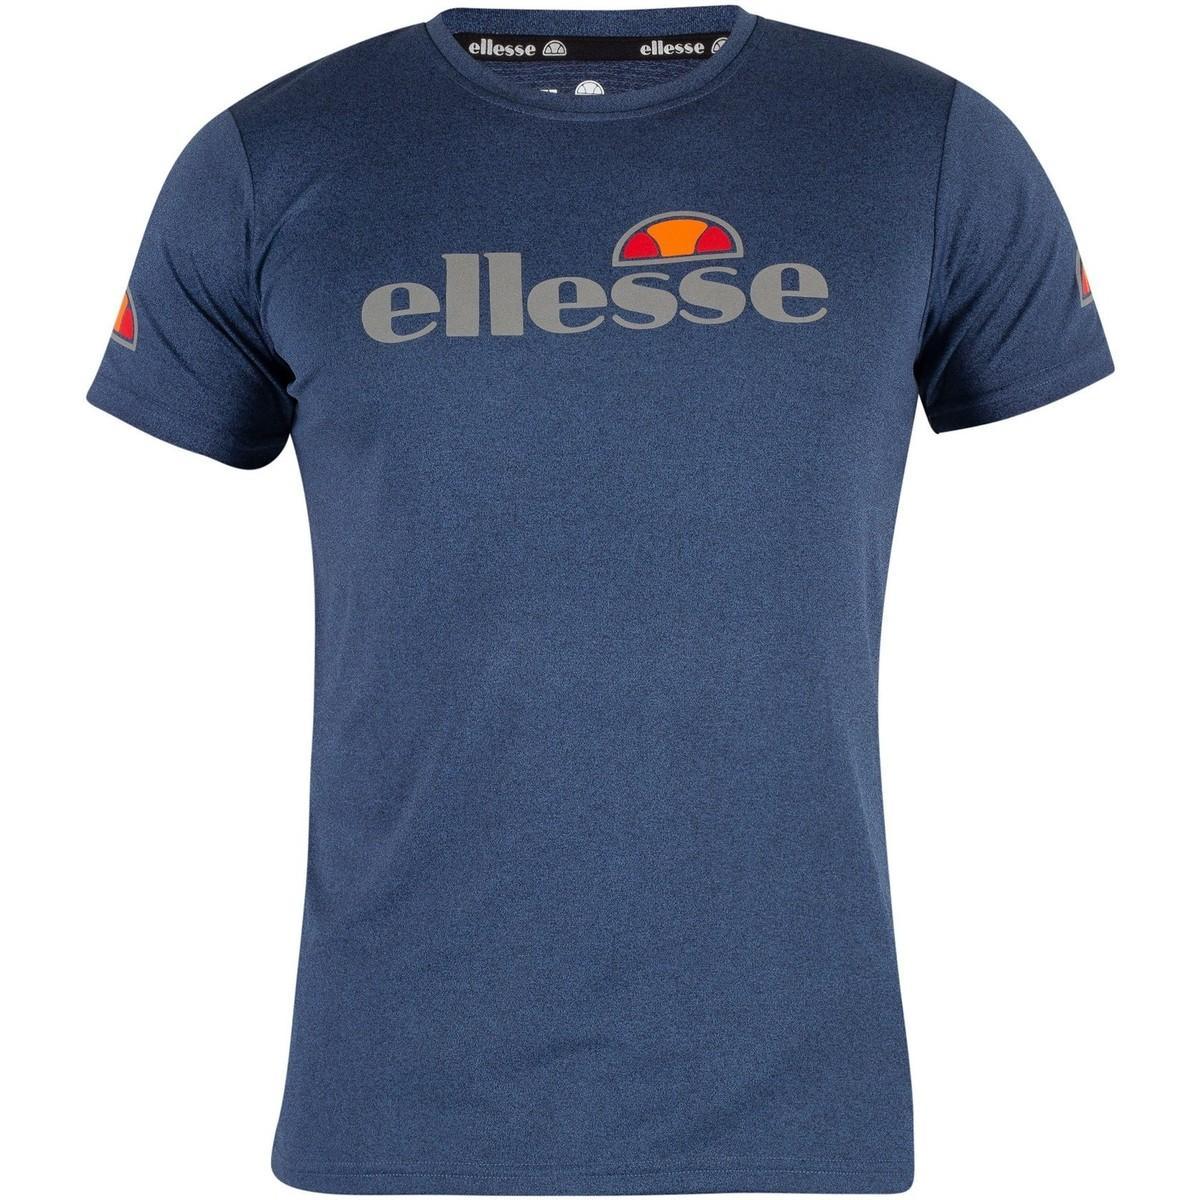 Ellesse Gentario Camiseta Hombre